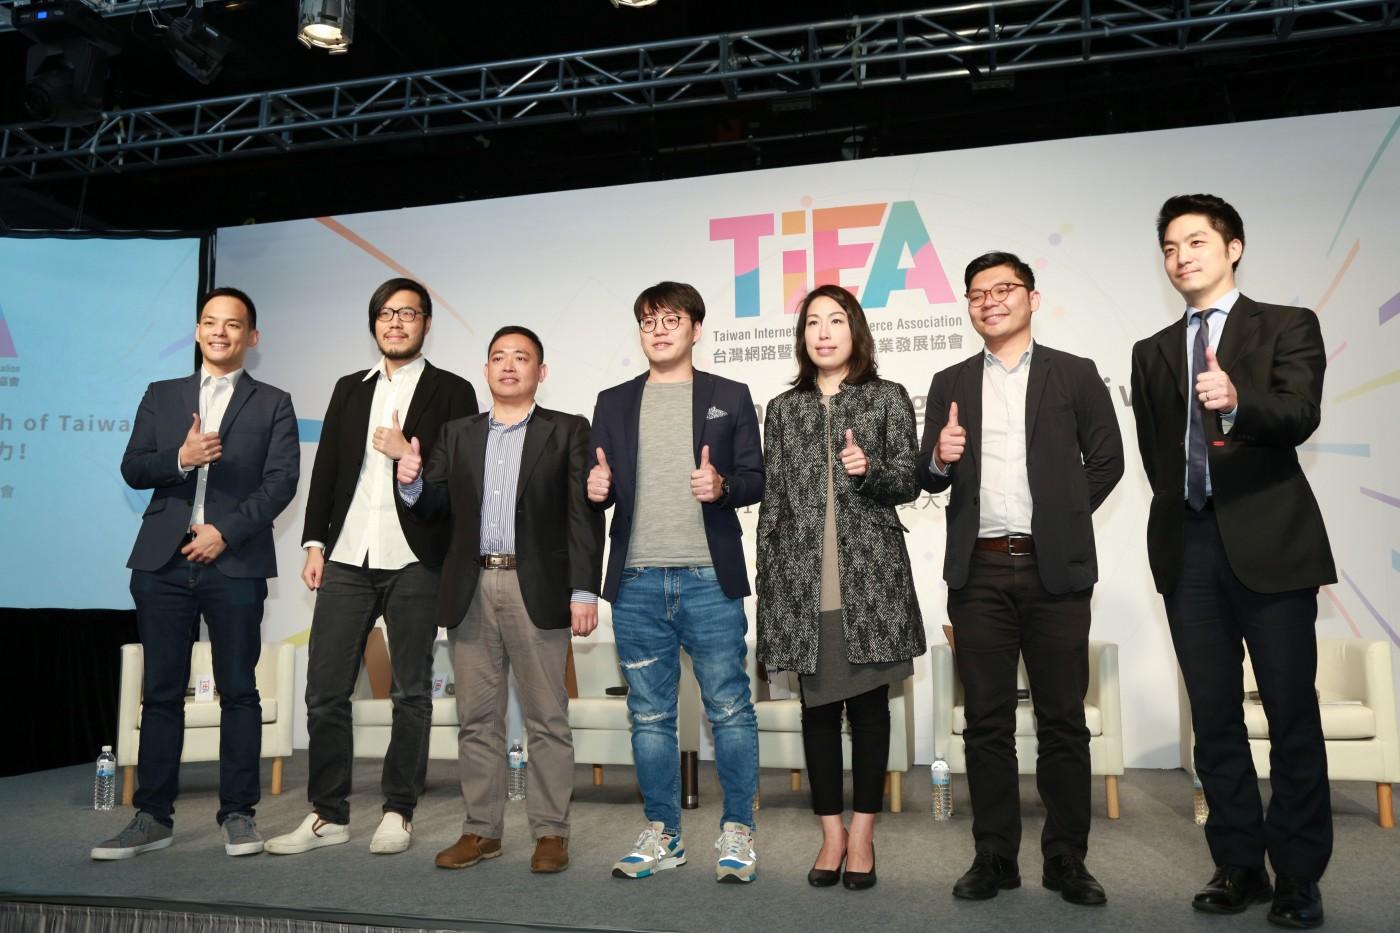 TiEA會員大會,台灣網路業者心底話:政府快幫我們留住人才!